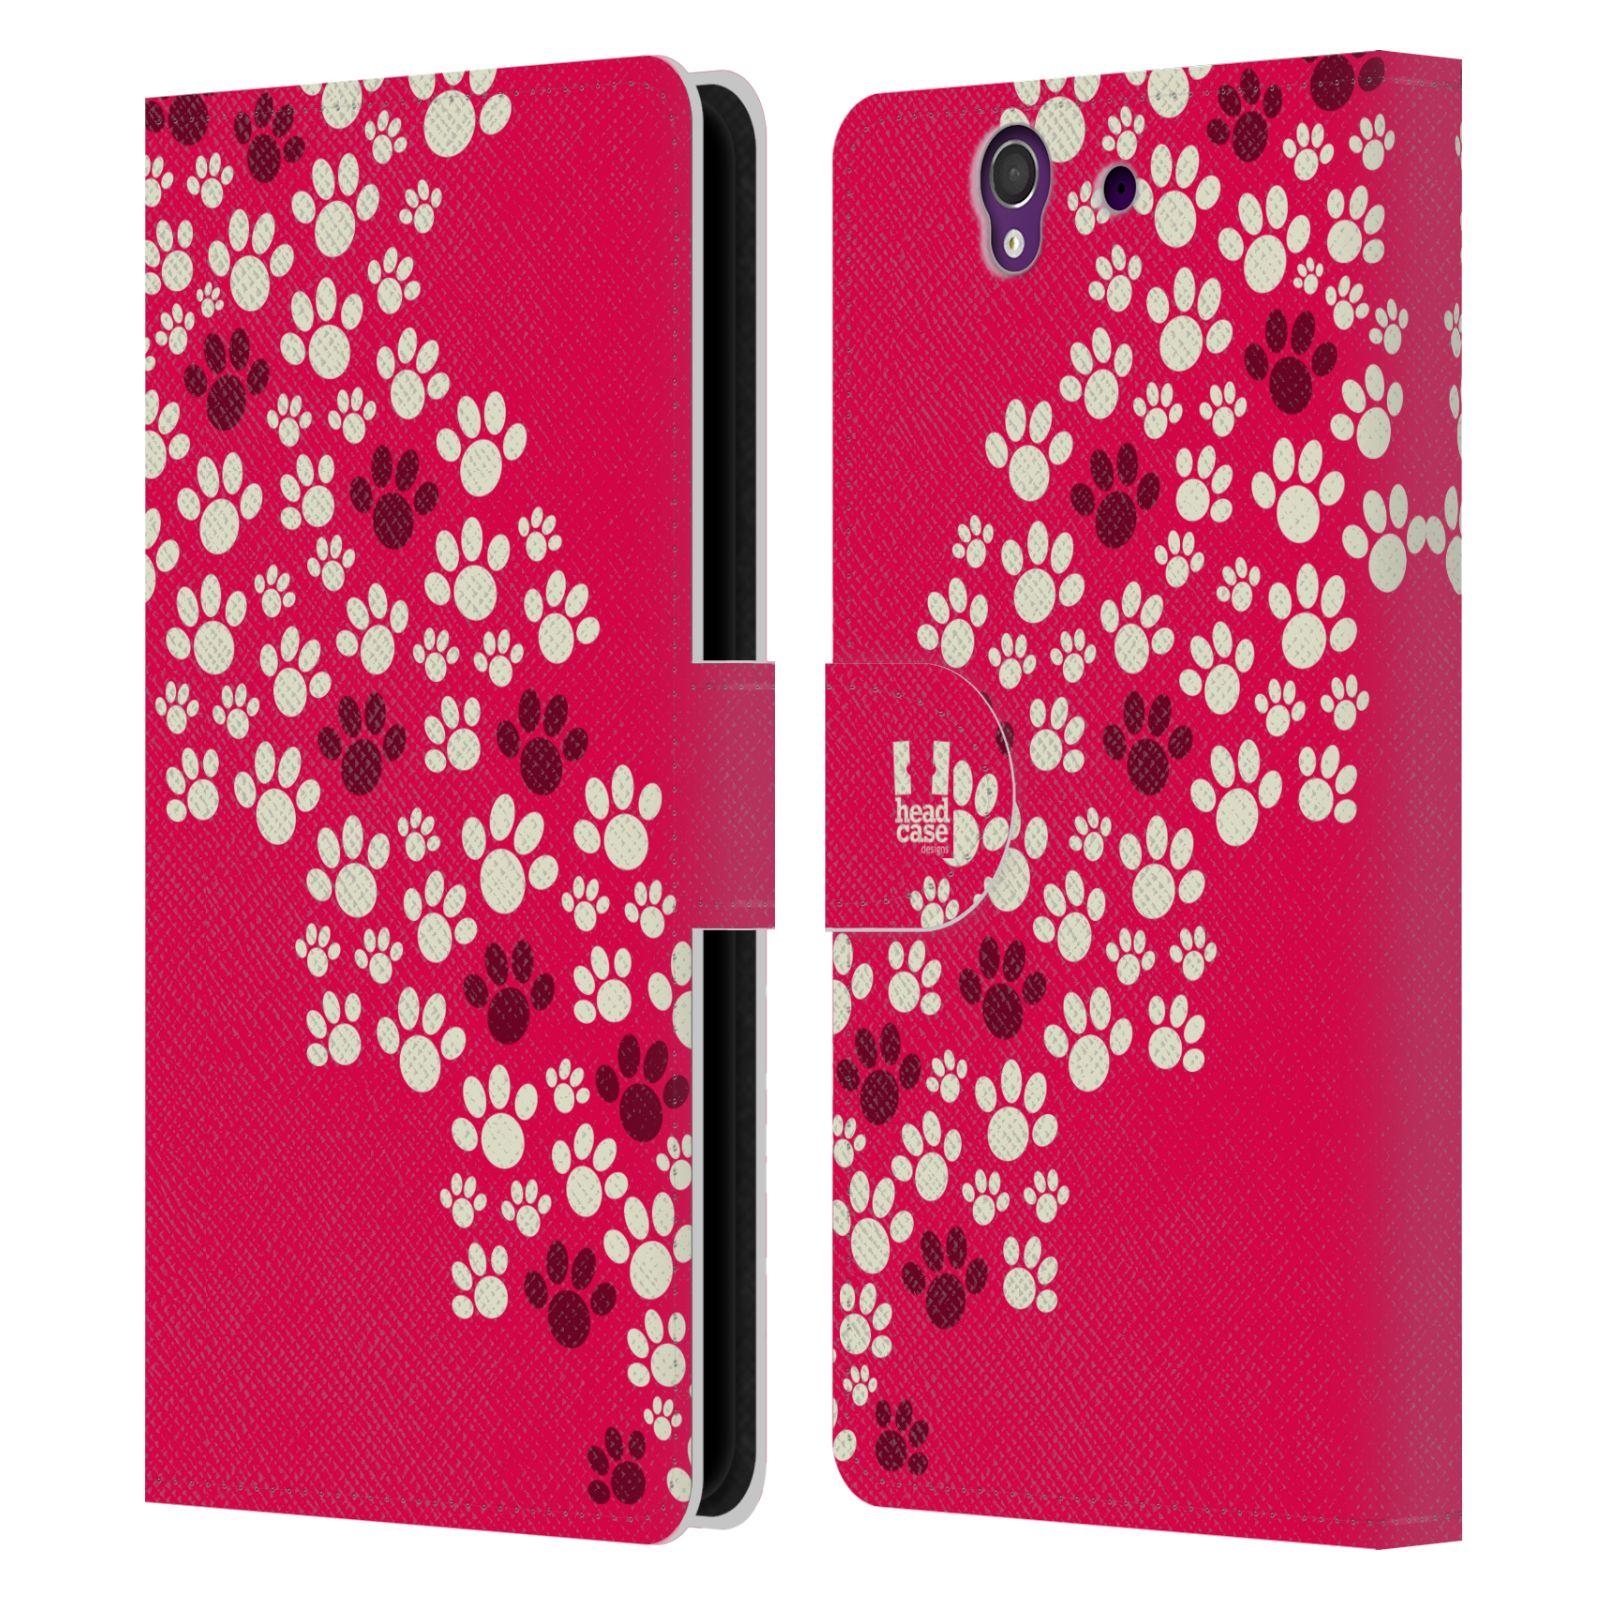 HEAD CASE Flipové pouzdro pro mobil SONY XPERIA Z (C6603) Pejsek ťapky růžová barva